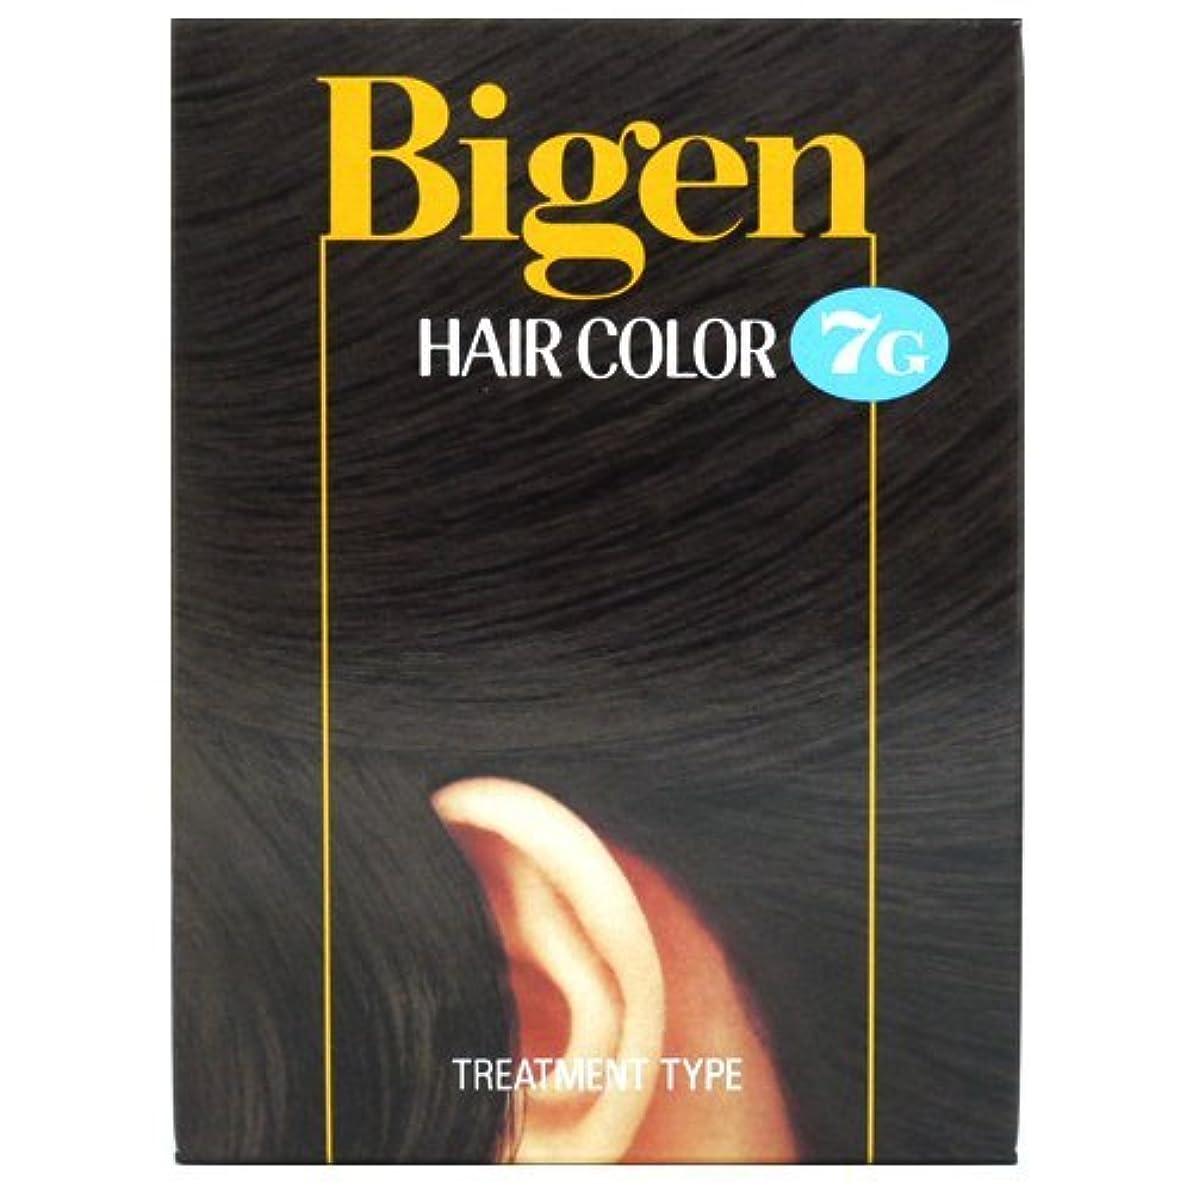 多様な取り替える遺伝子ホーユー ビゲン ヘアカラー 【7G 自然な黒褐色】